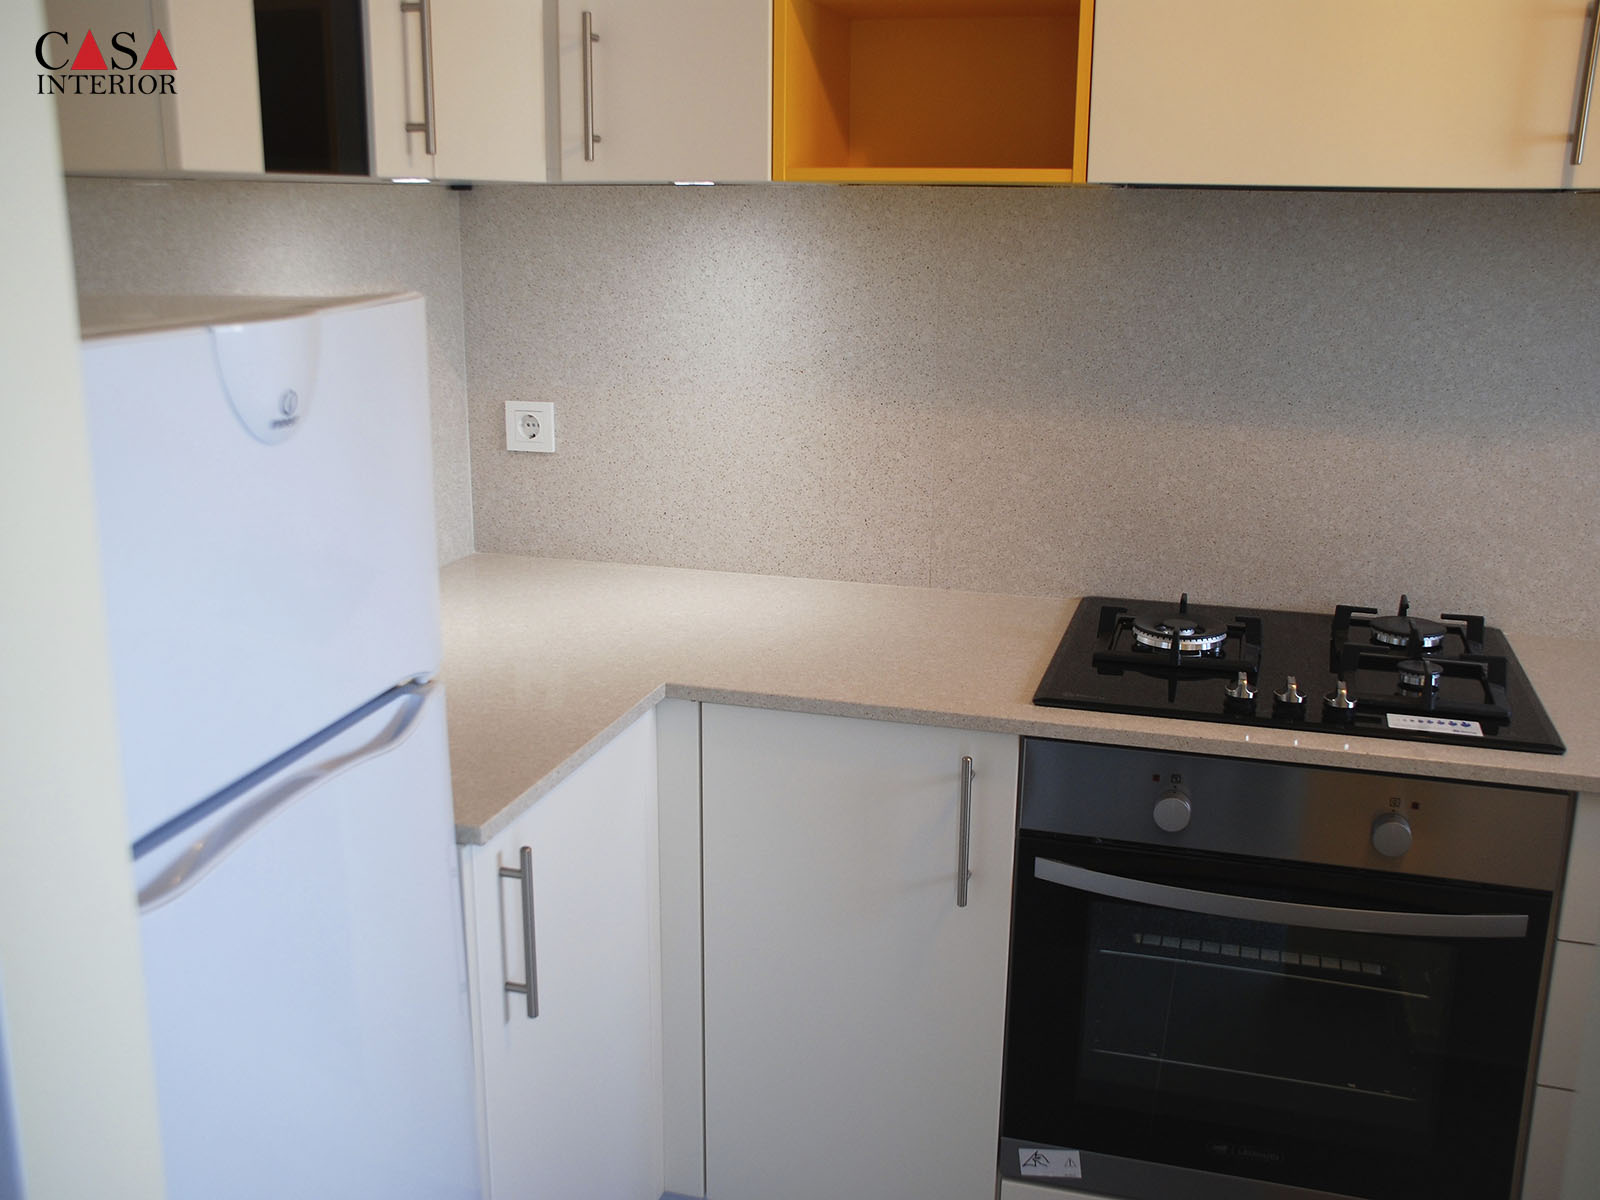 Kitchen Küchentime Laser Magnolia Matt in Albir